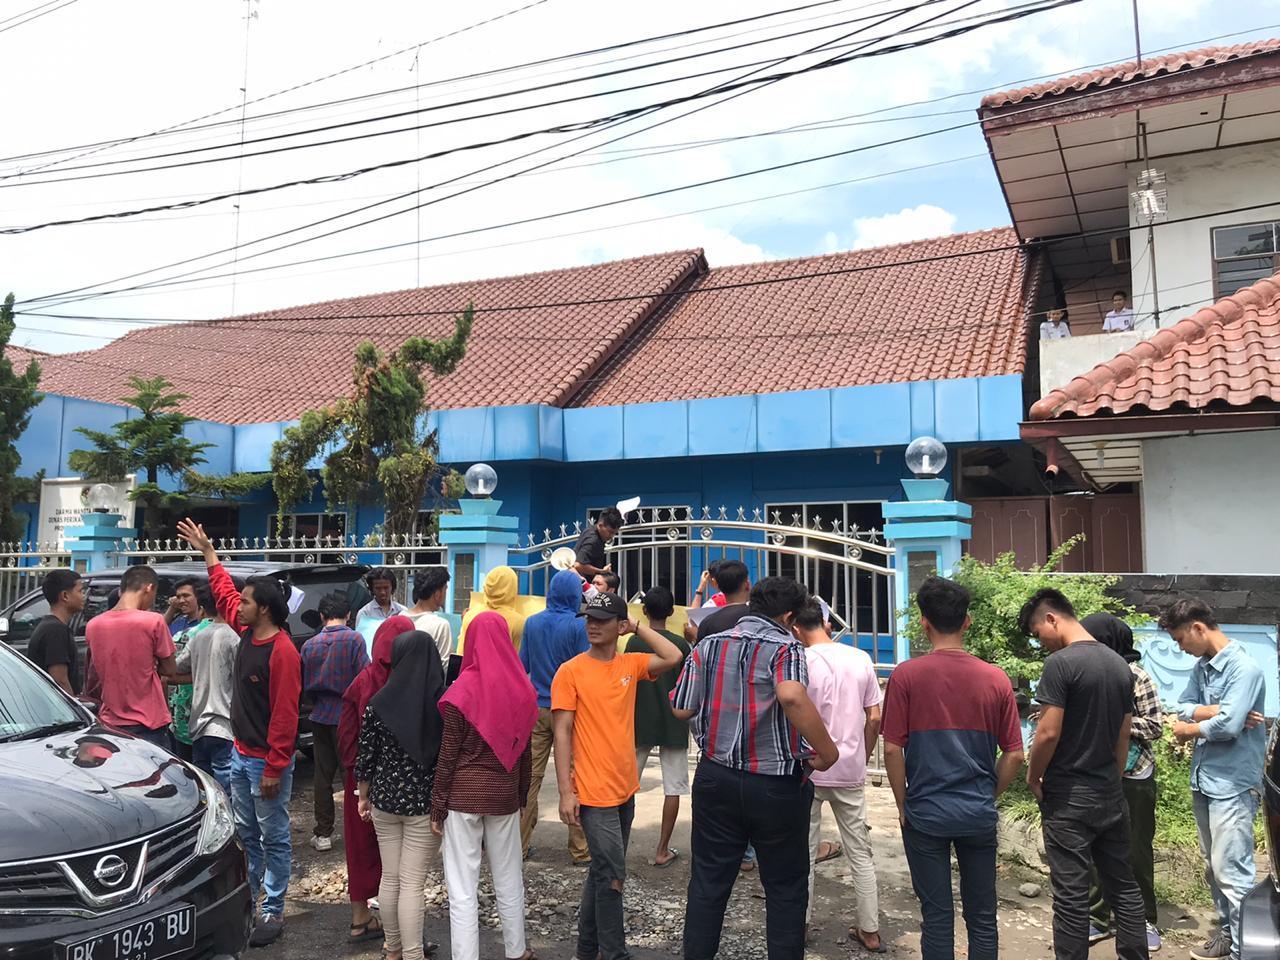 Pemuda LIRAPemuda LIRA Medan, Menggeruduk Kantor Dinas Perikanan dan Kelautan SumutMedan, Menggruduk Kantor Dinas Perikanan dan Kelautan Sumut